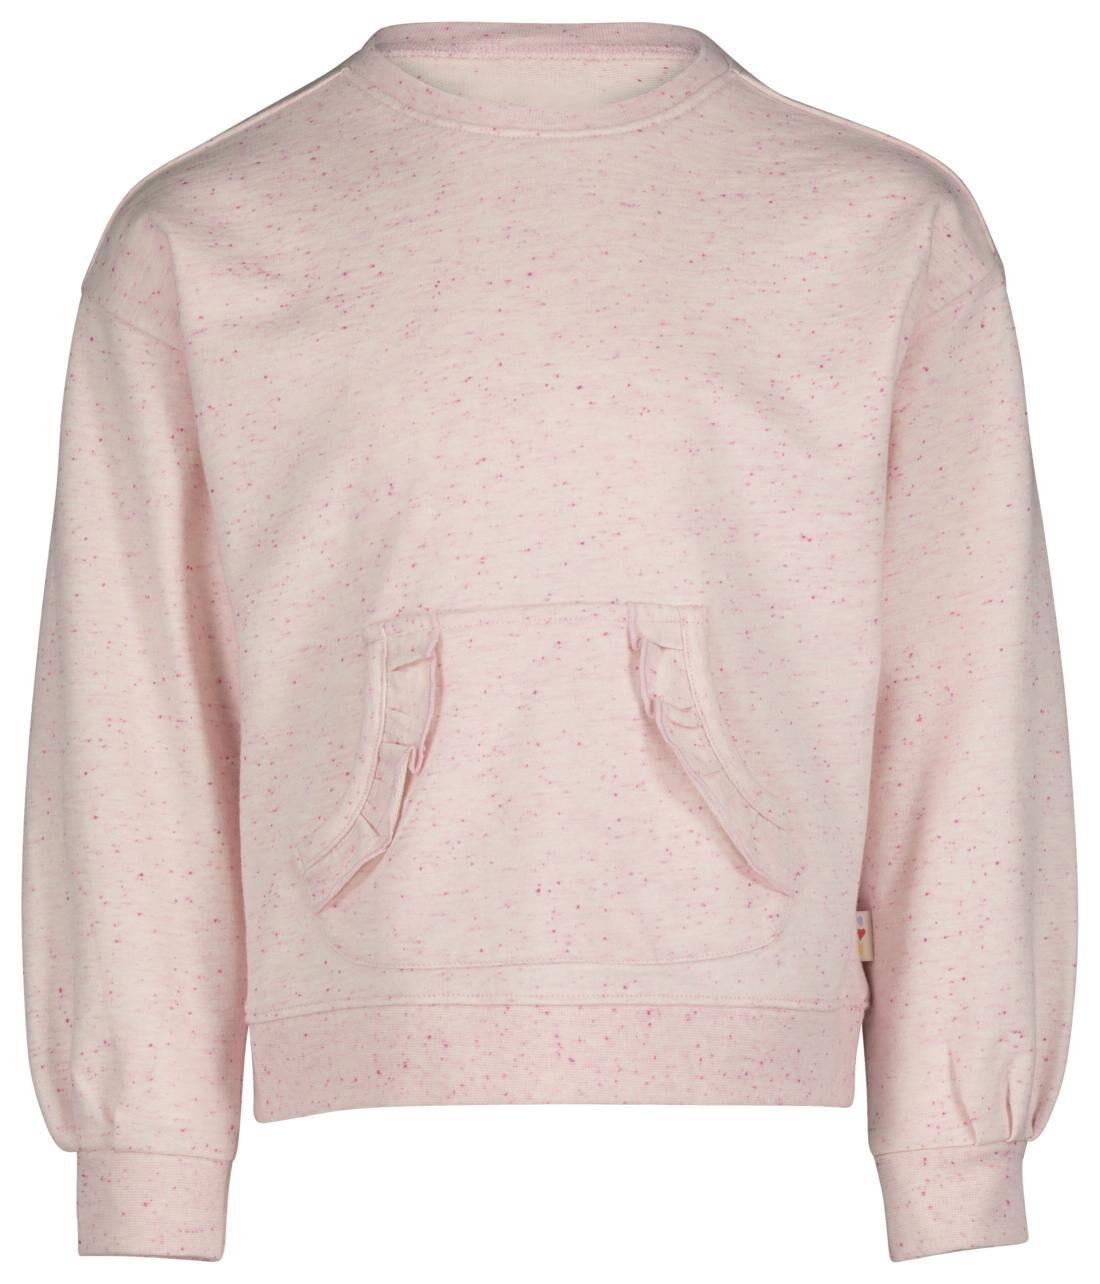 HEMA Kindersweater Koraal (koraal)